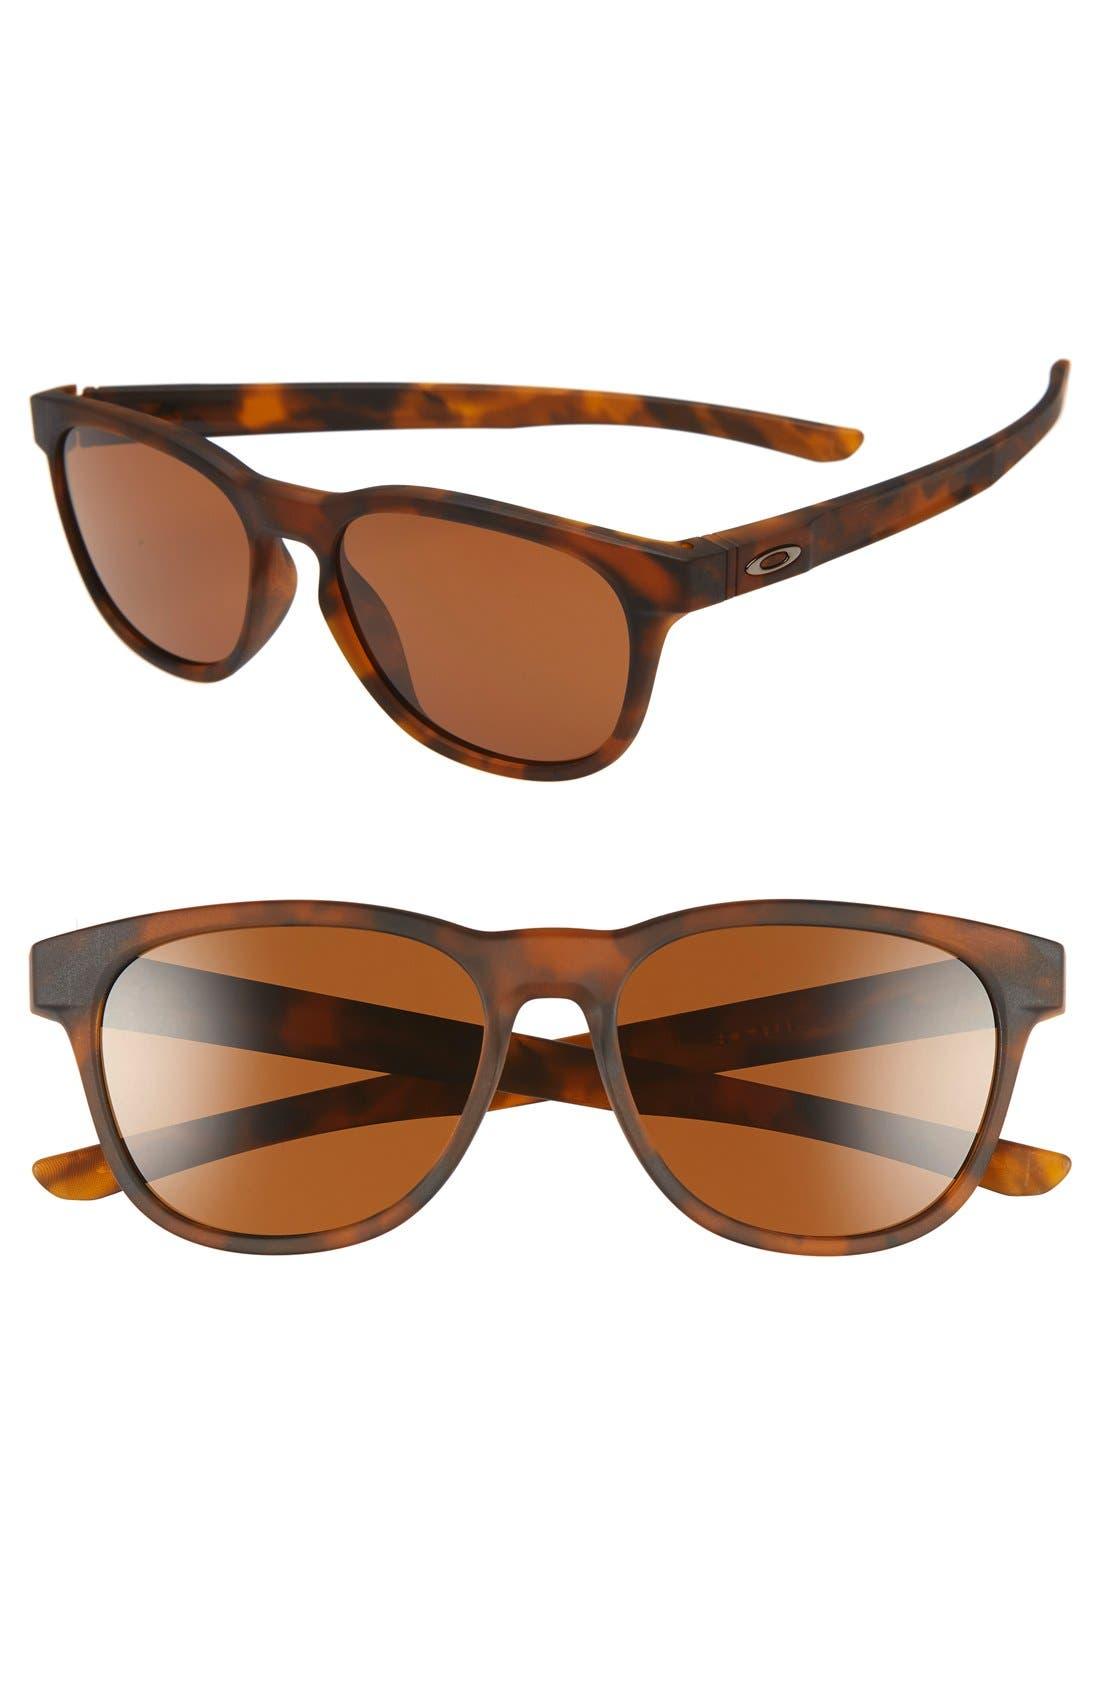 Main Image - Oakley 'Stringer' 55mm Sunglasses